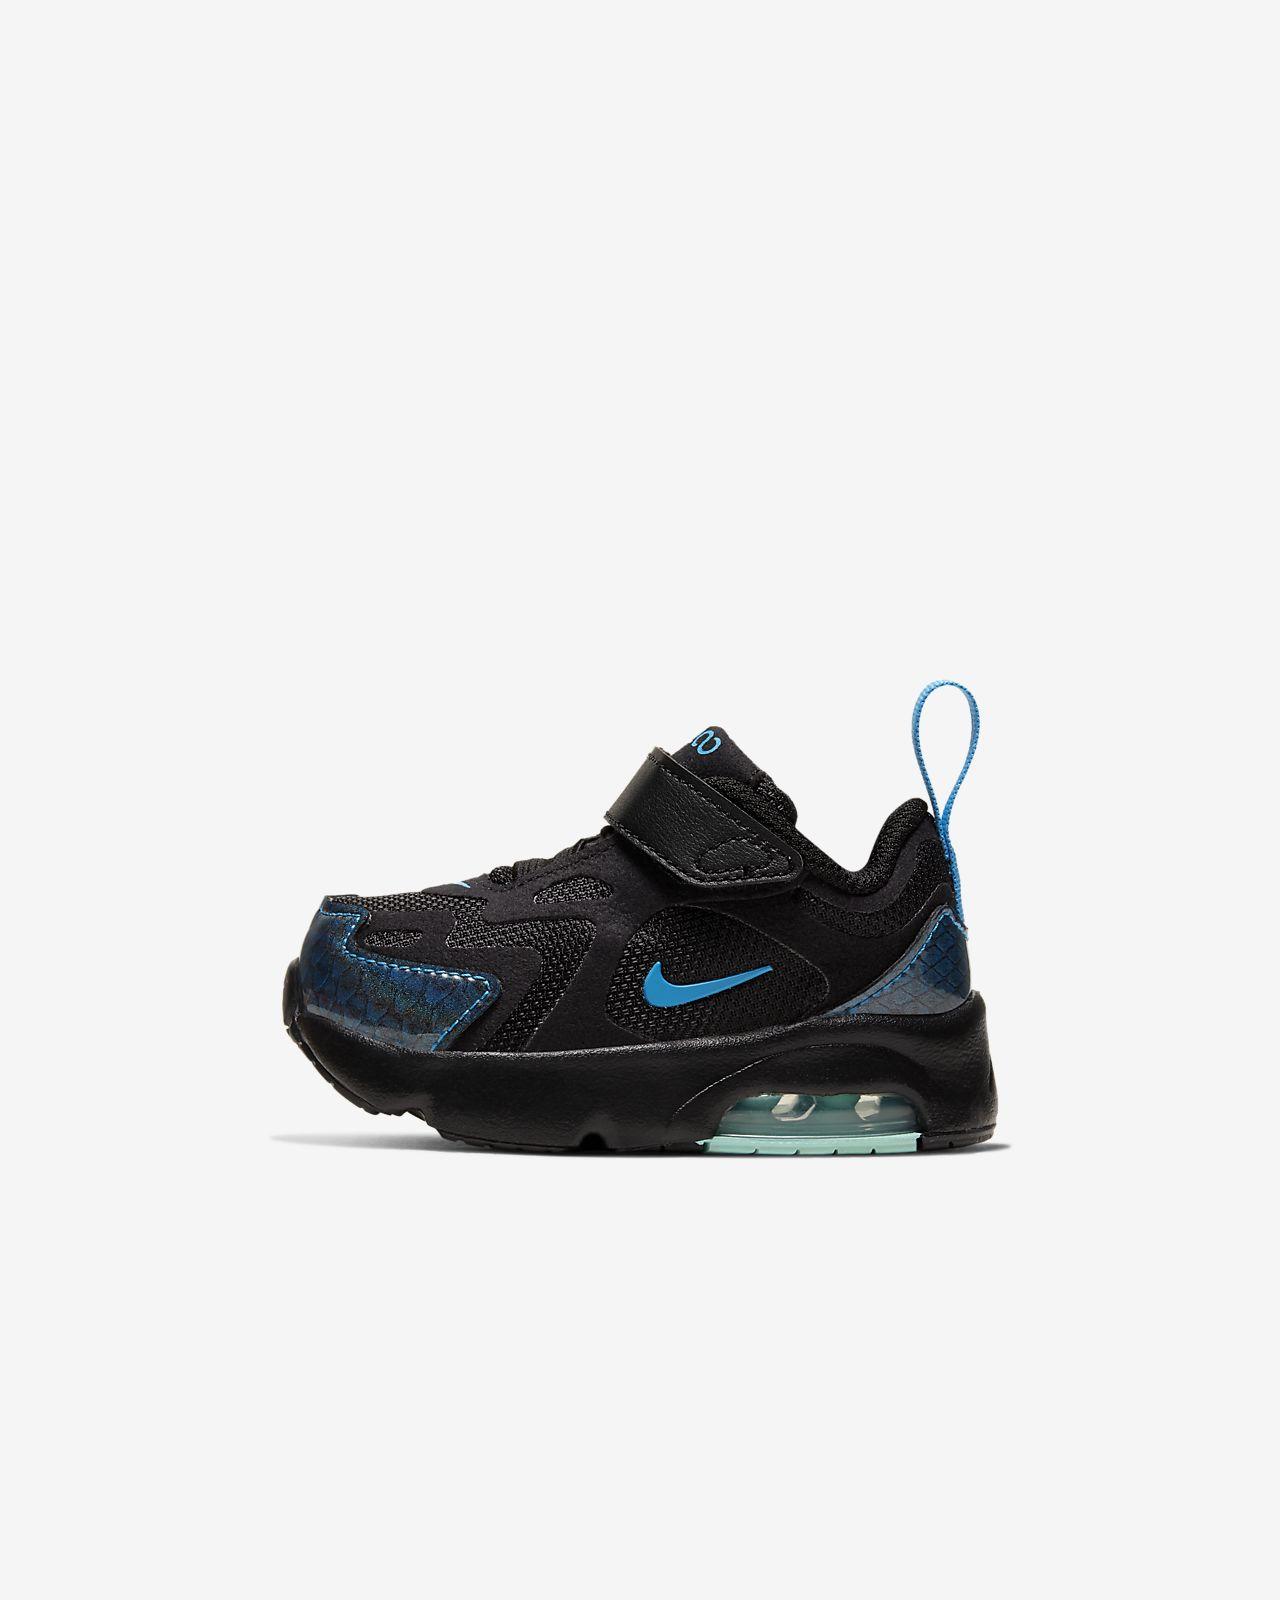 Nike Air Max 200 Baby/Toddler Shoe